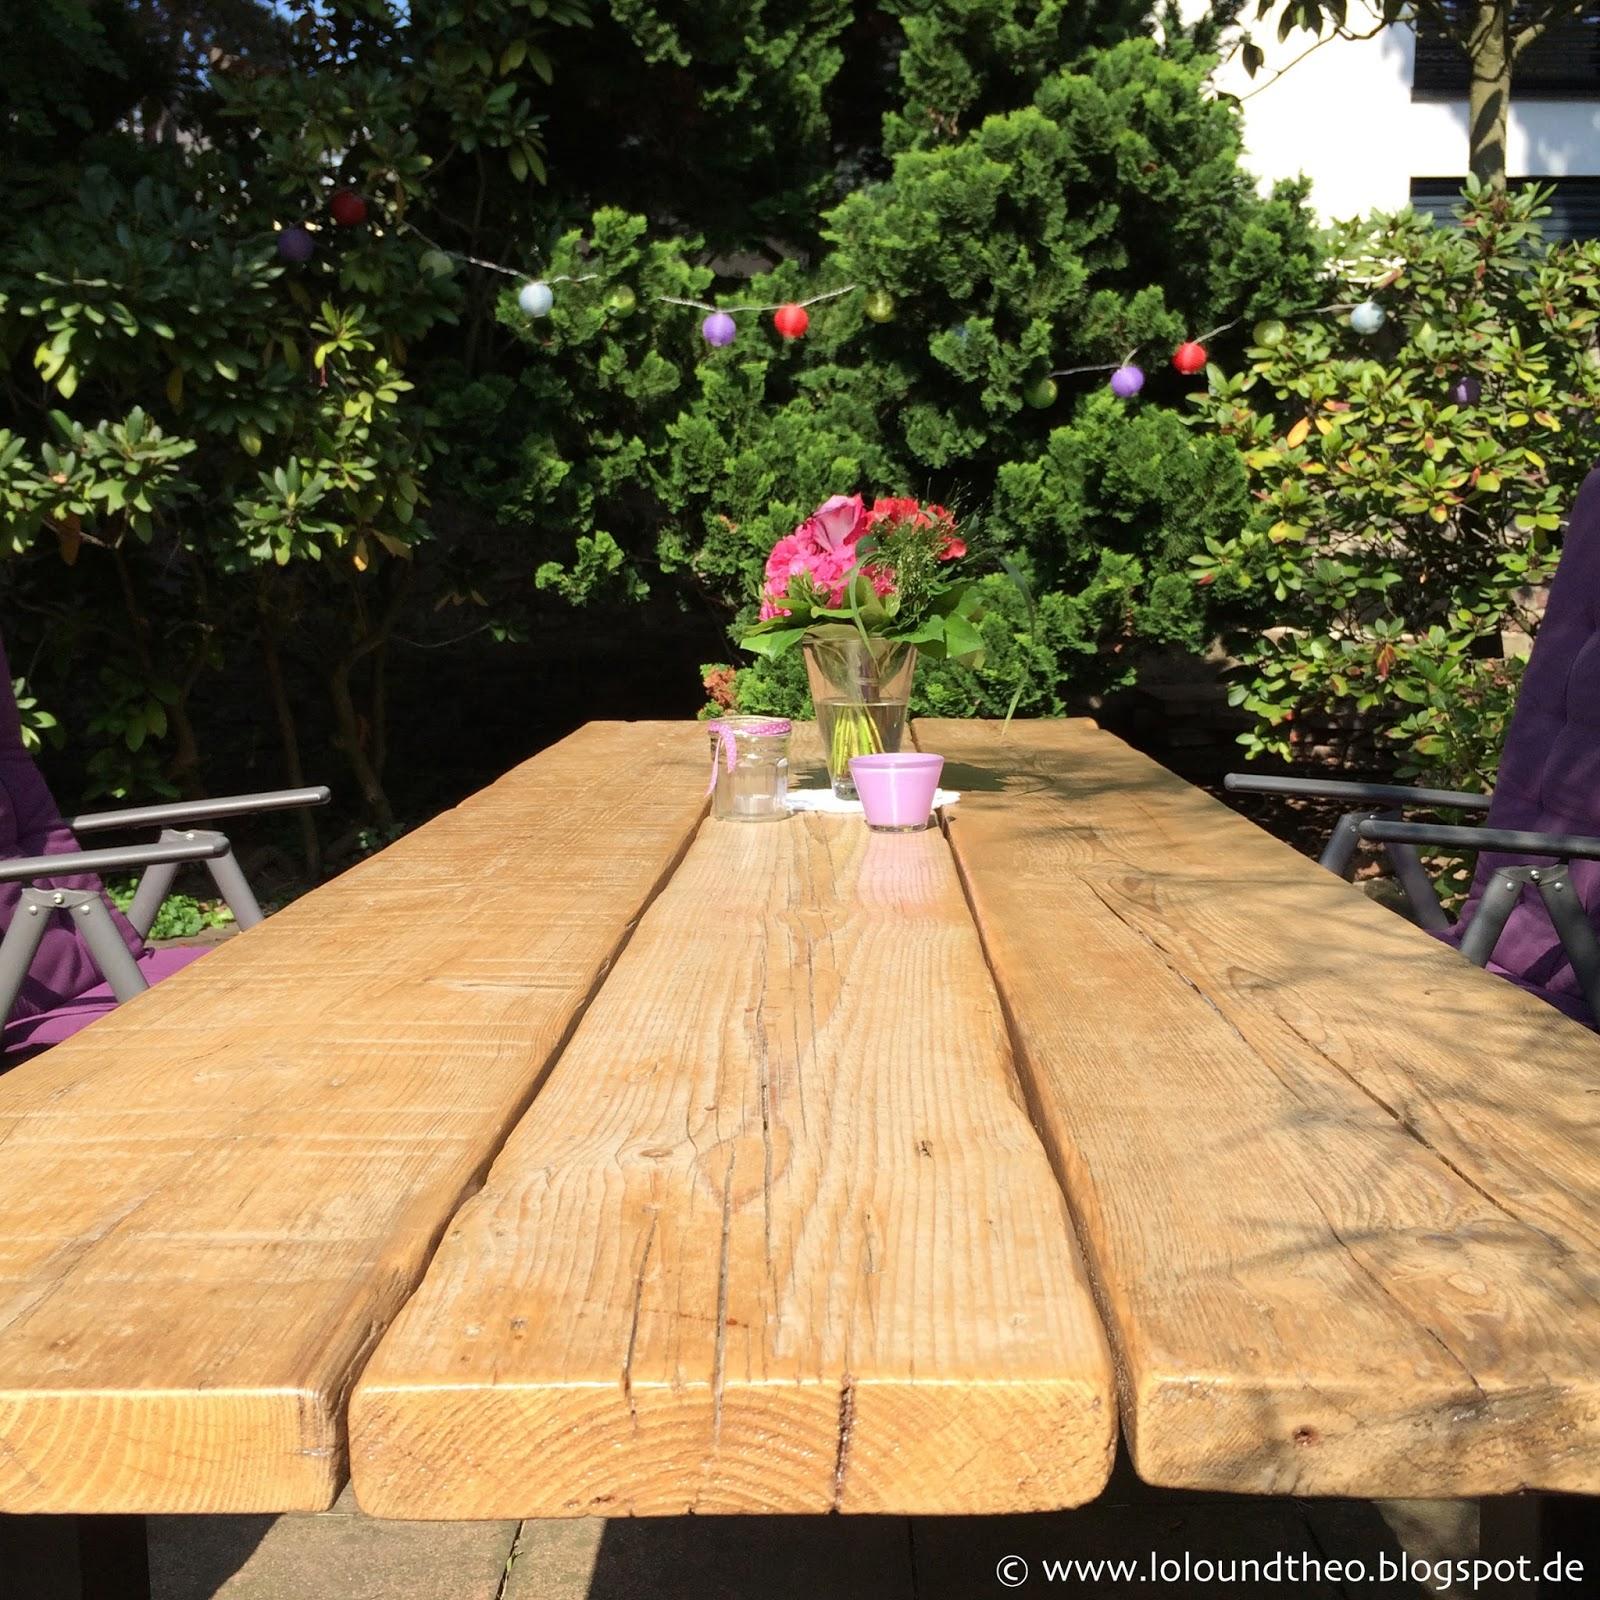 lolo und theo upcycling diy tisch aus alten ger stdielen. Black Bedroom Furniture Sets. Home Design Ideas